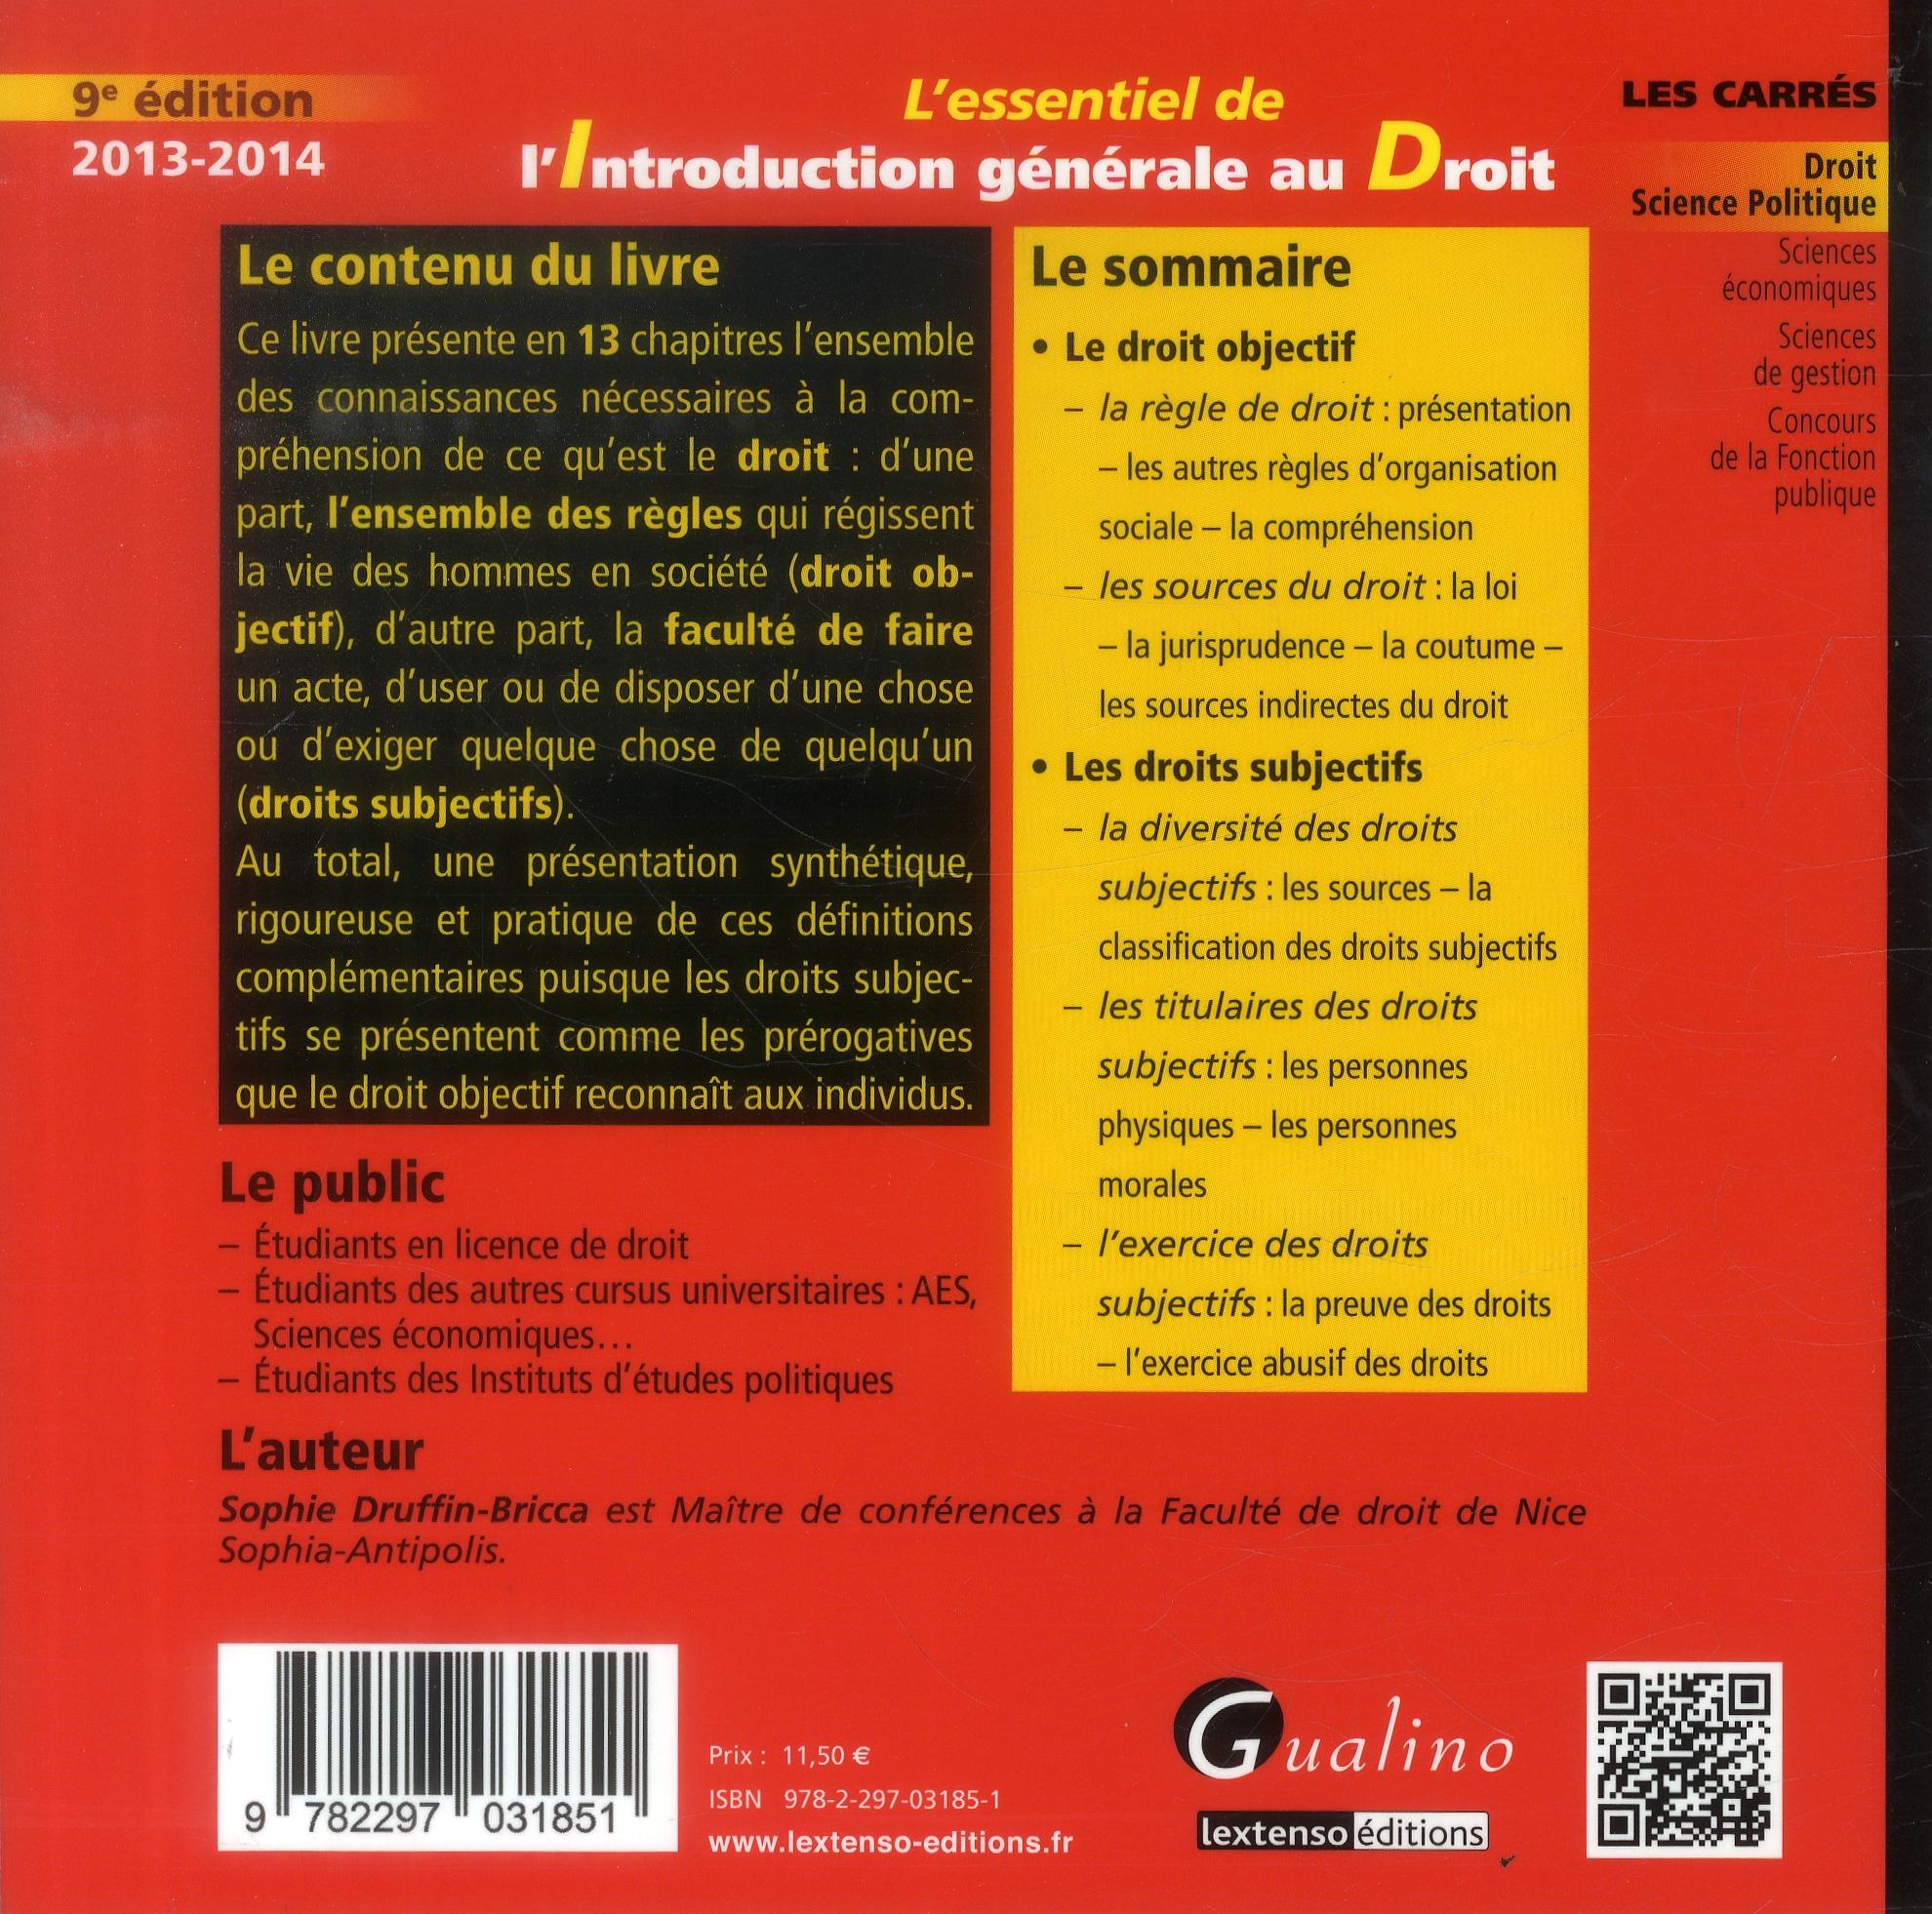 L'introduction générale au droit (édition 2013-2014)